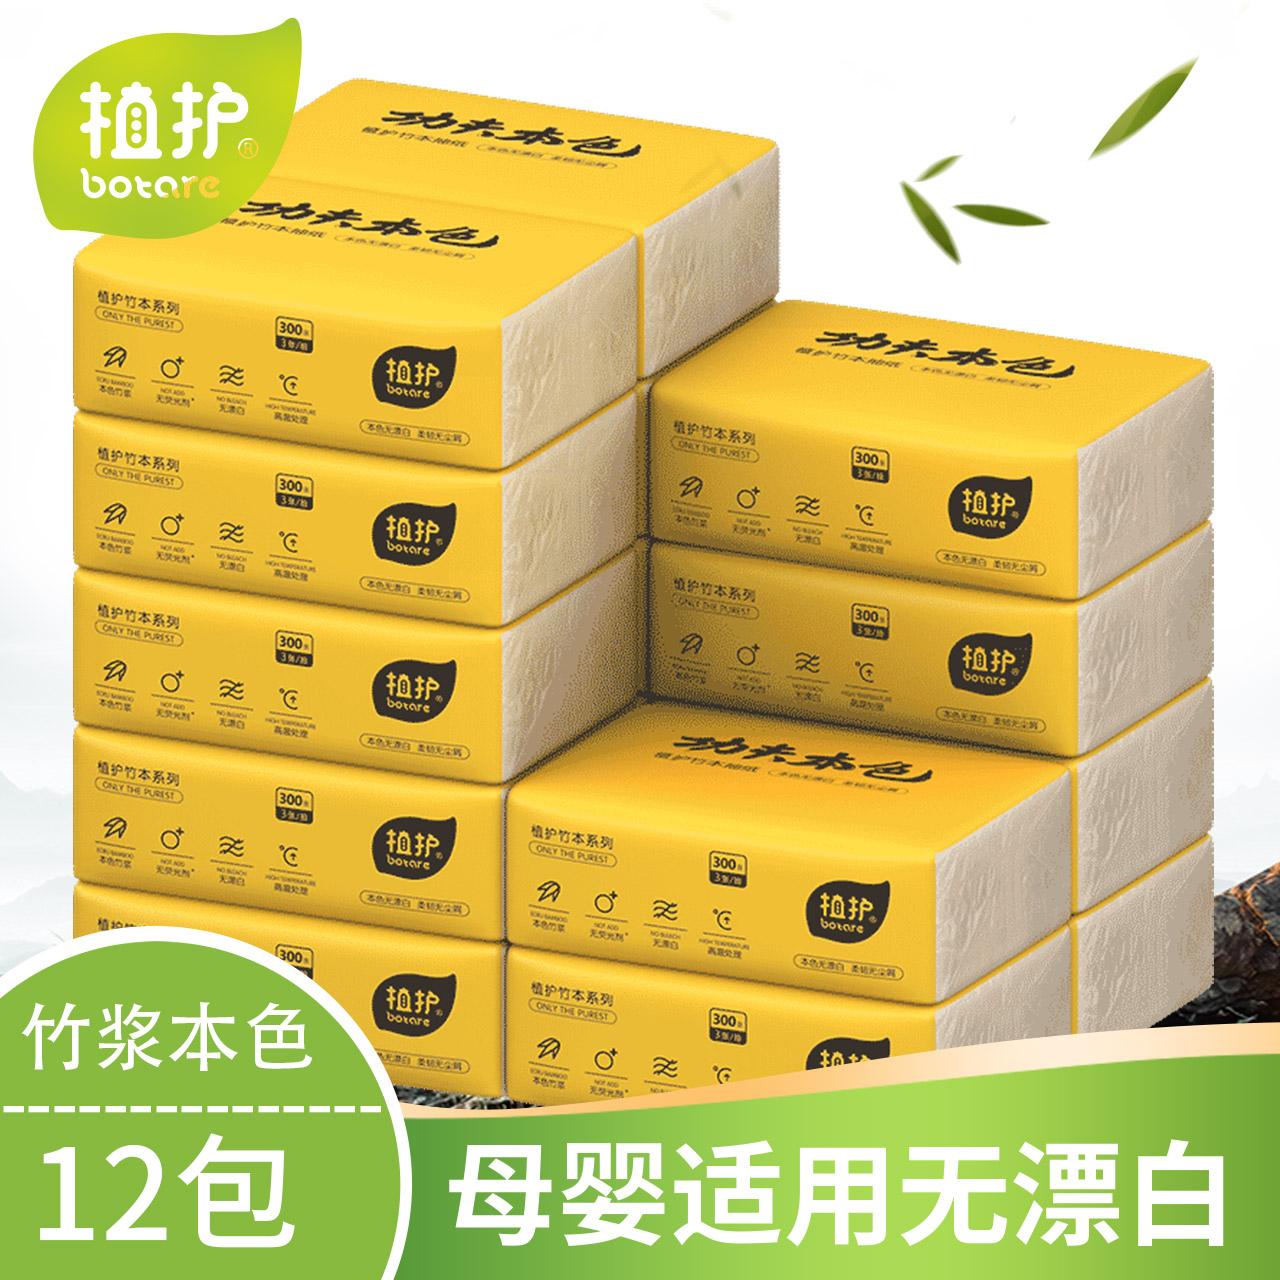 植护竹浆12包本色抽纸抽取式面巾纸巾餐巾卫生家用家庭装批发婴儿